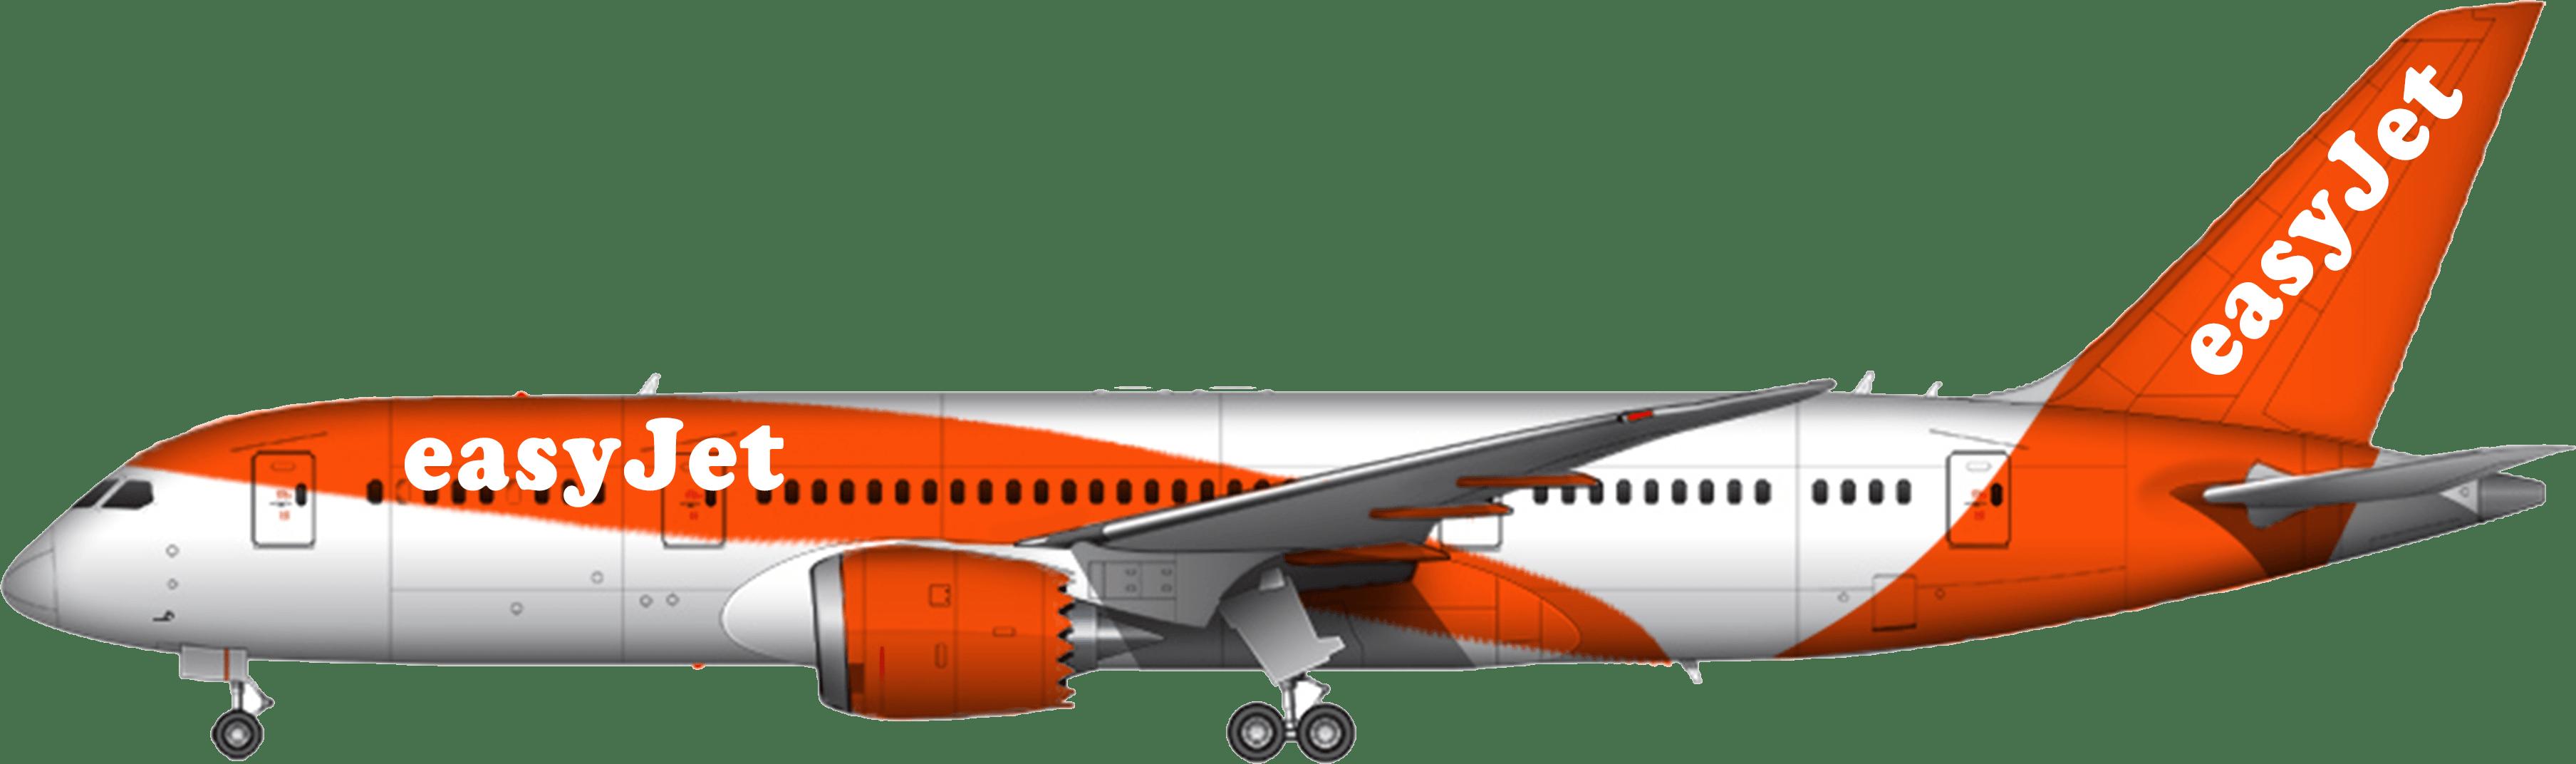 easyJet Flight Compensation - Easyjet PNG - Easyjet Logo PNG